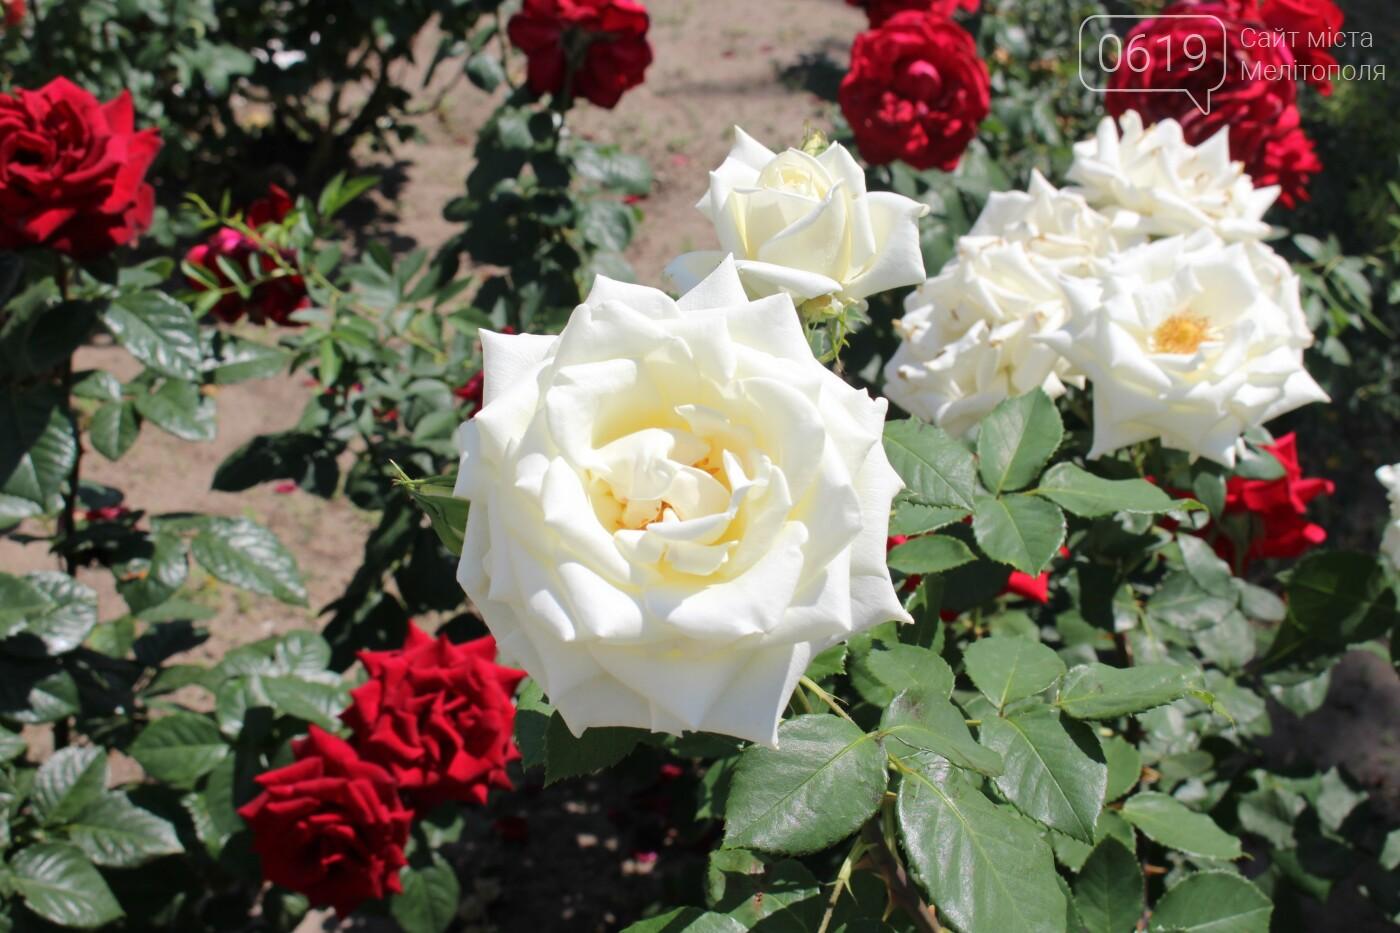 Мелитополь - город роз: королева цветов повсюду, фото-4